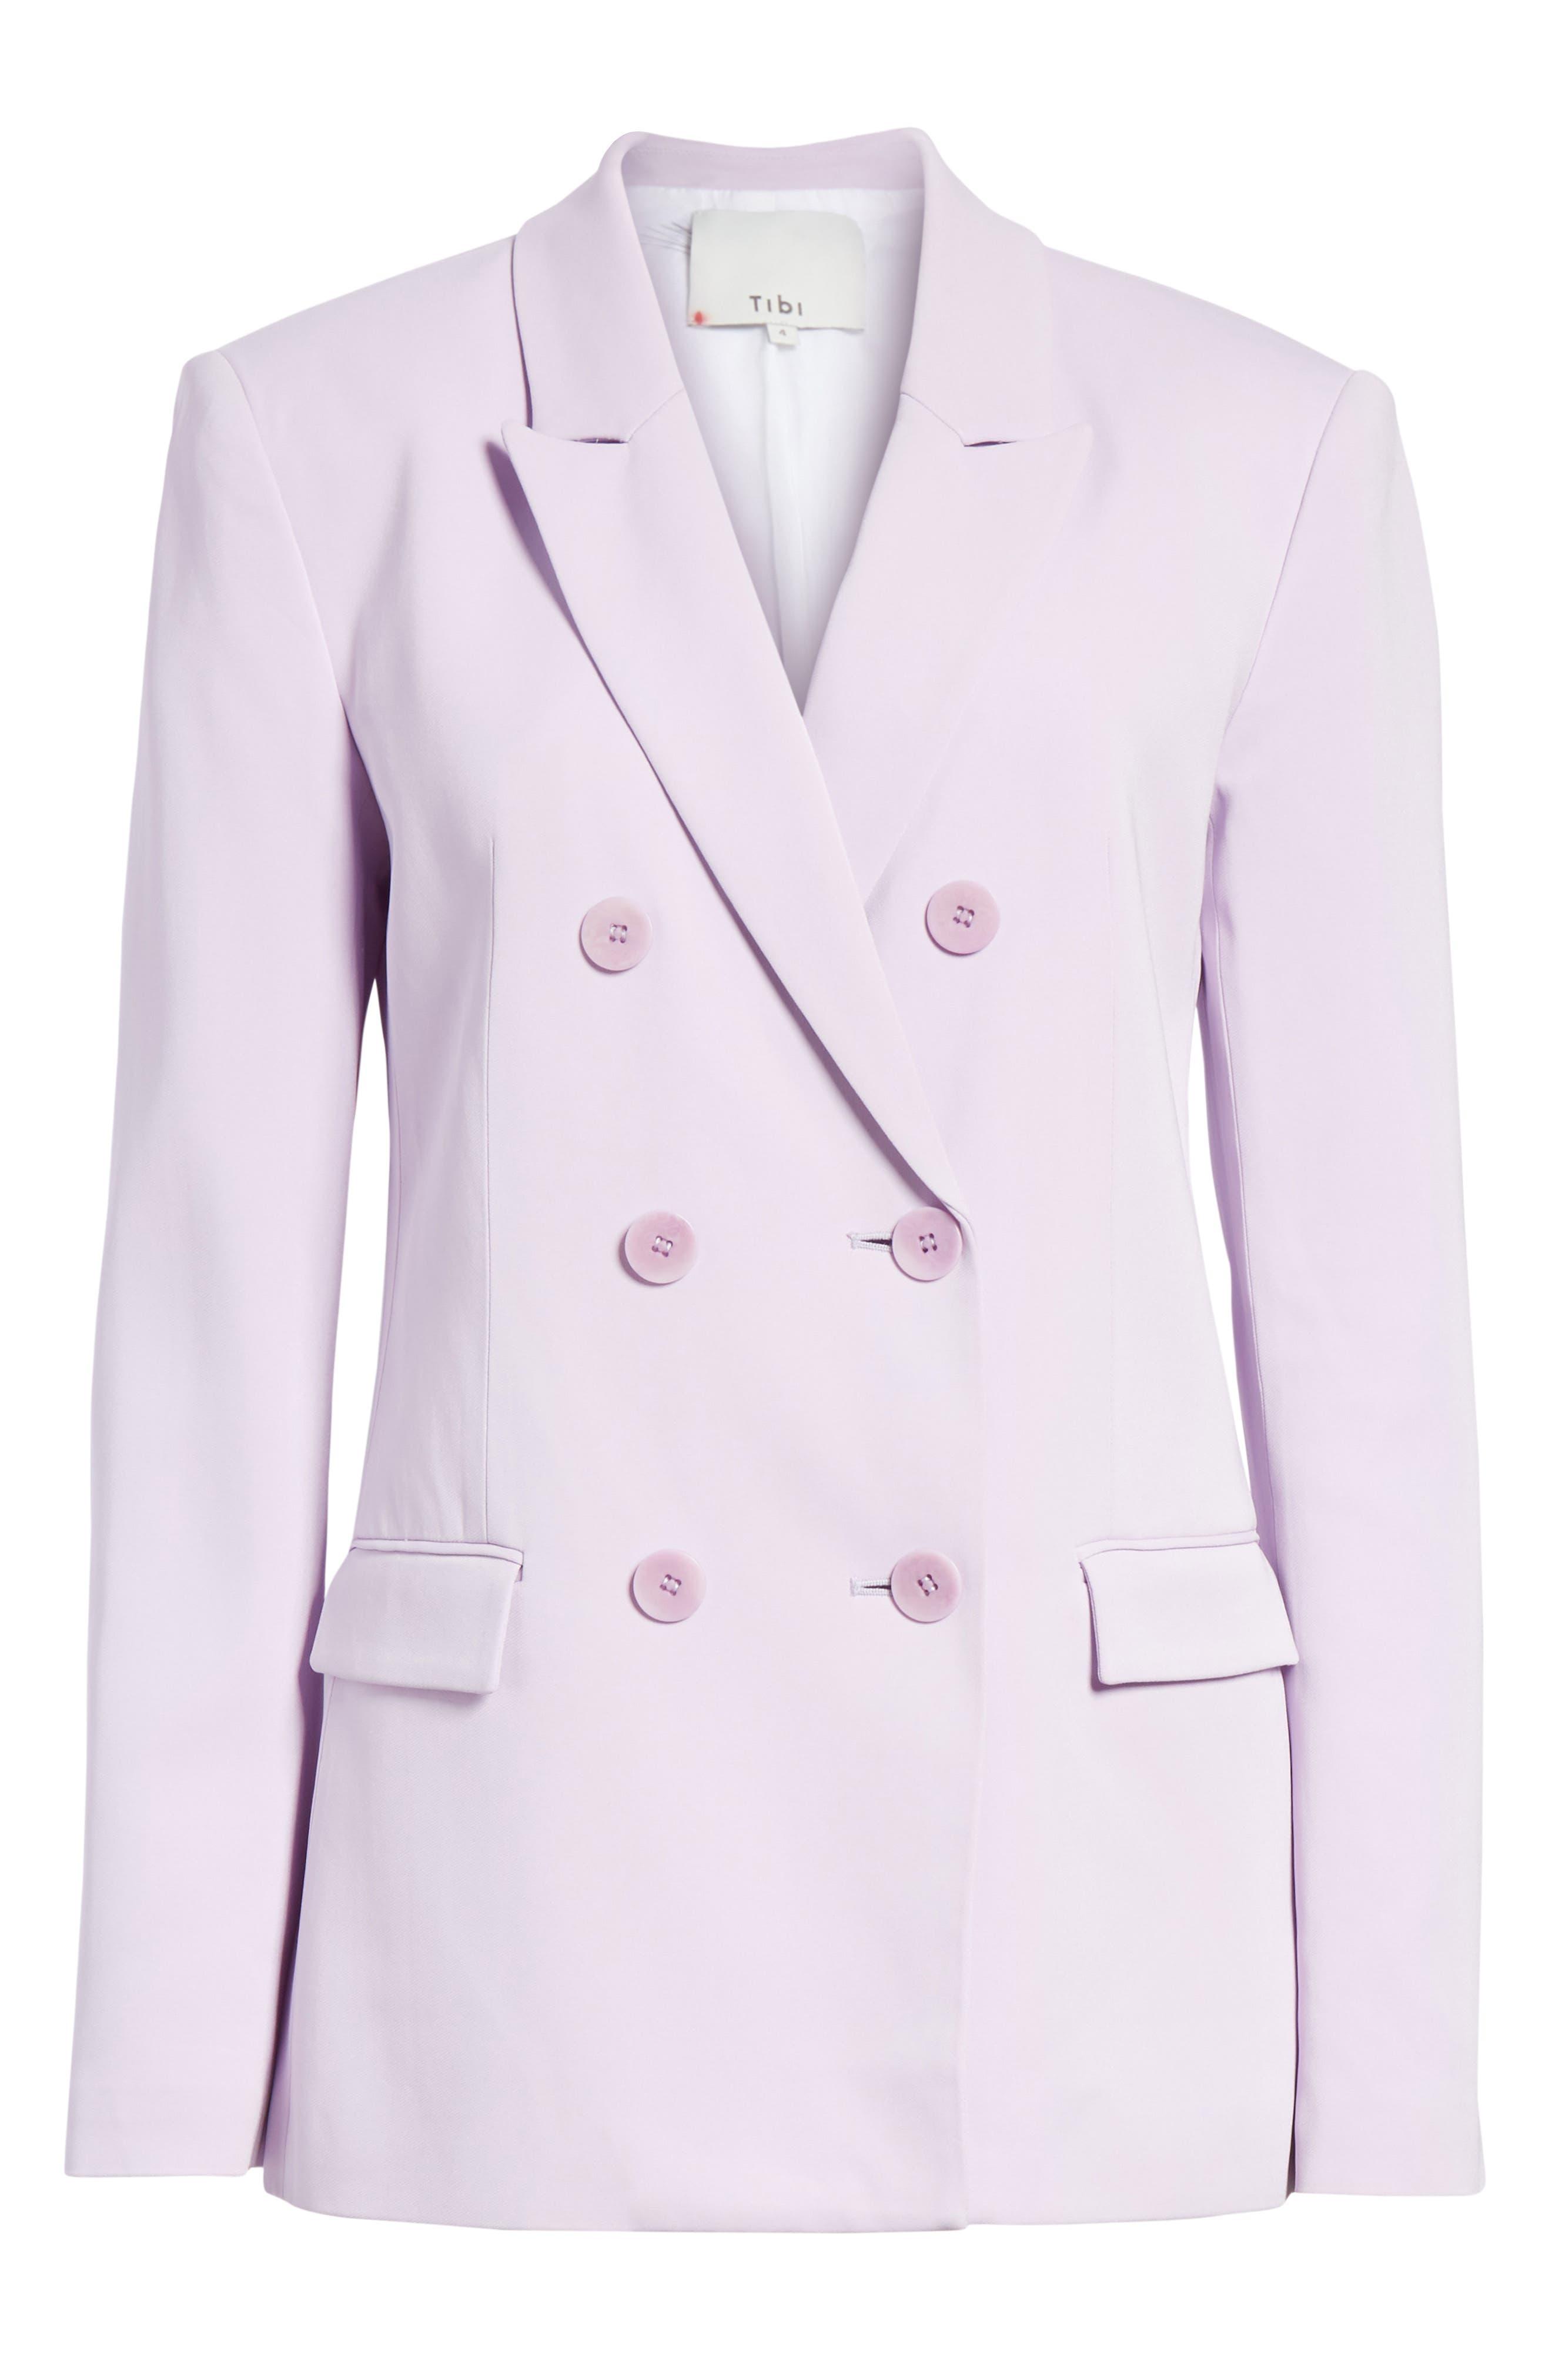 Steward Suit Jacket,                             Alternate thumbnail 7, color,                             Lavender